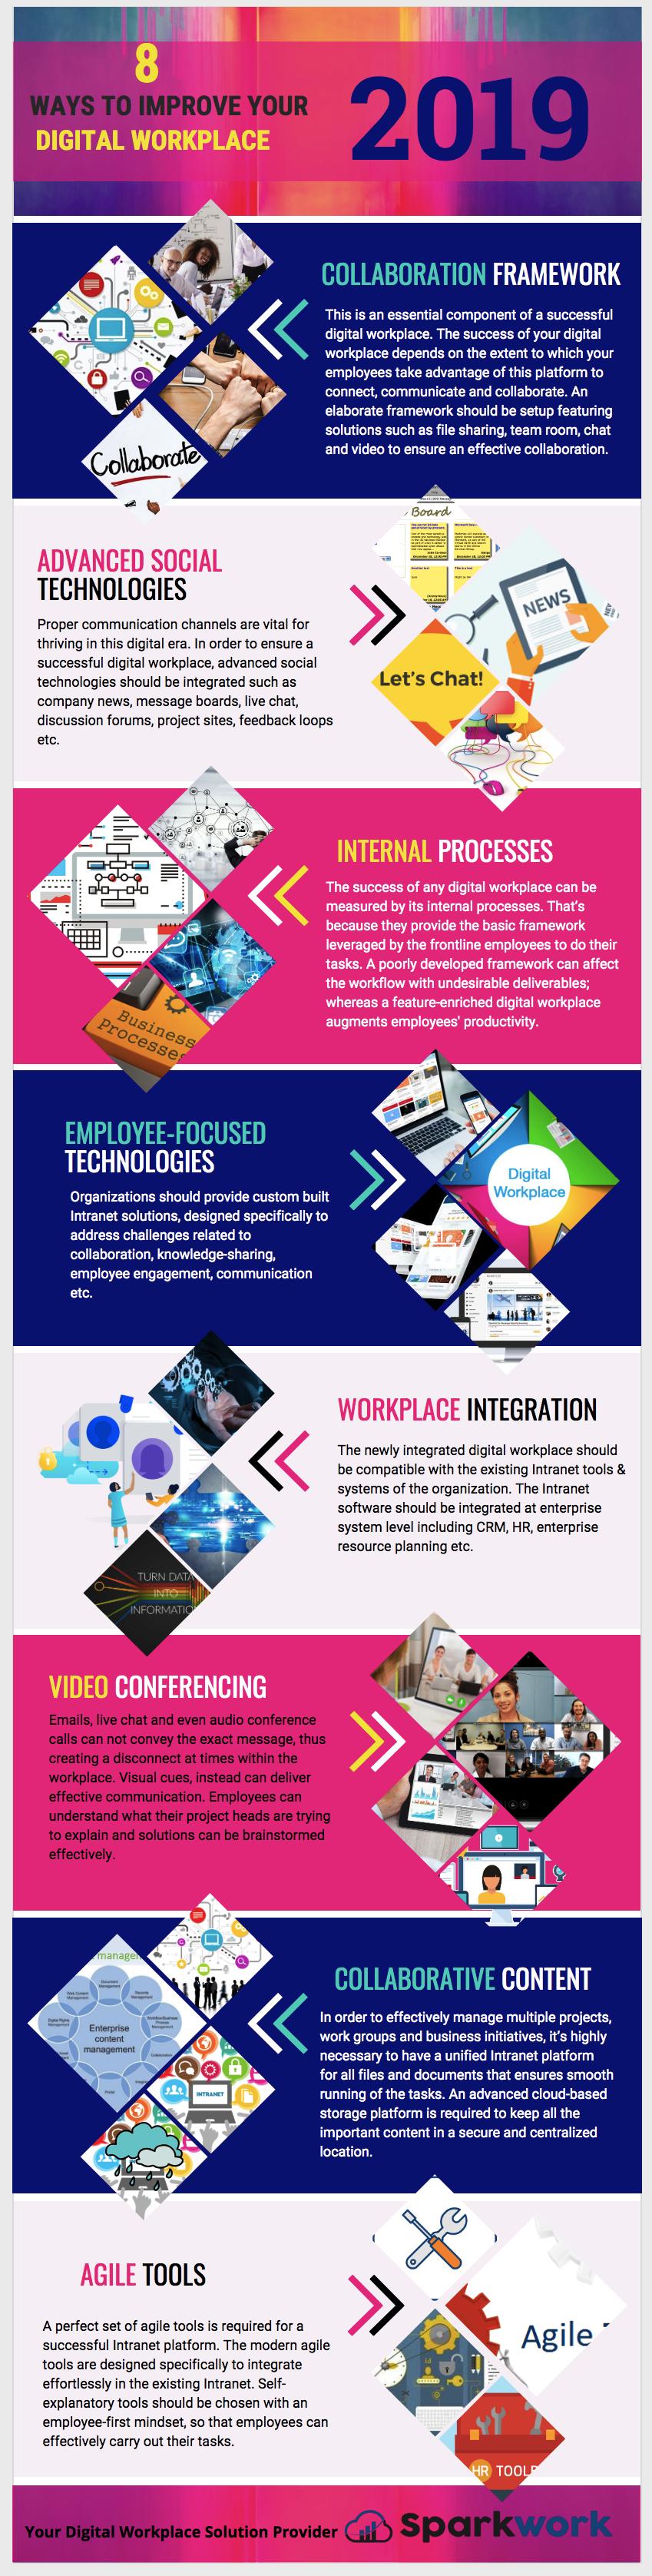 how-to-improve-digital-workplace-platform-sparkwork